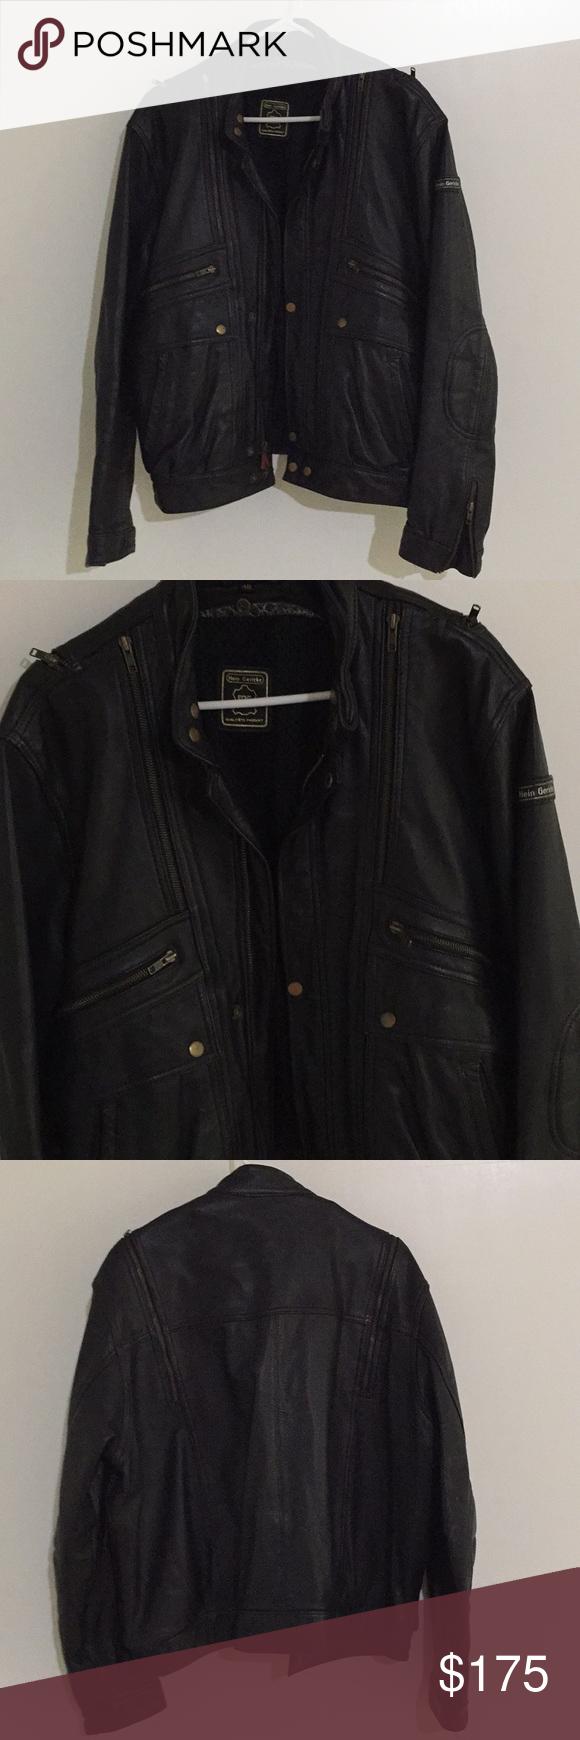 Vintage Hein Gericke biker jacket Jackets, Clothes